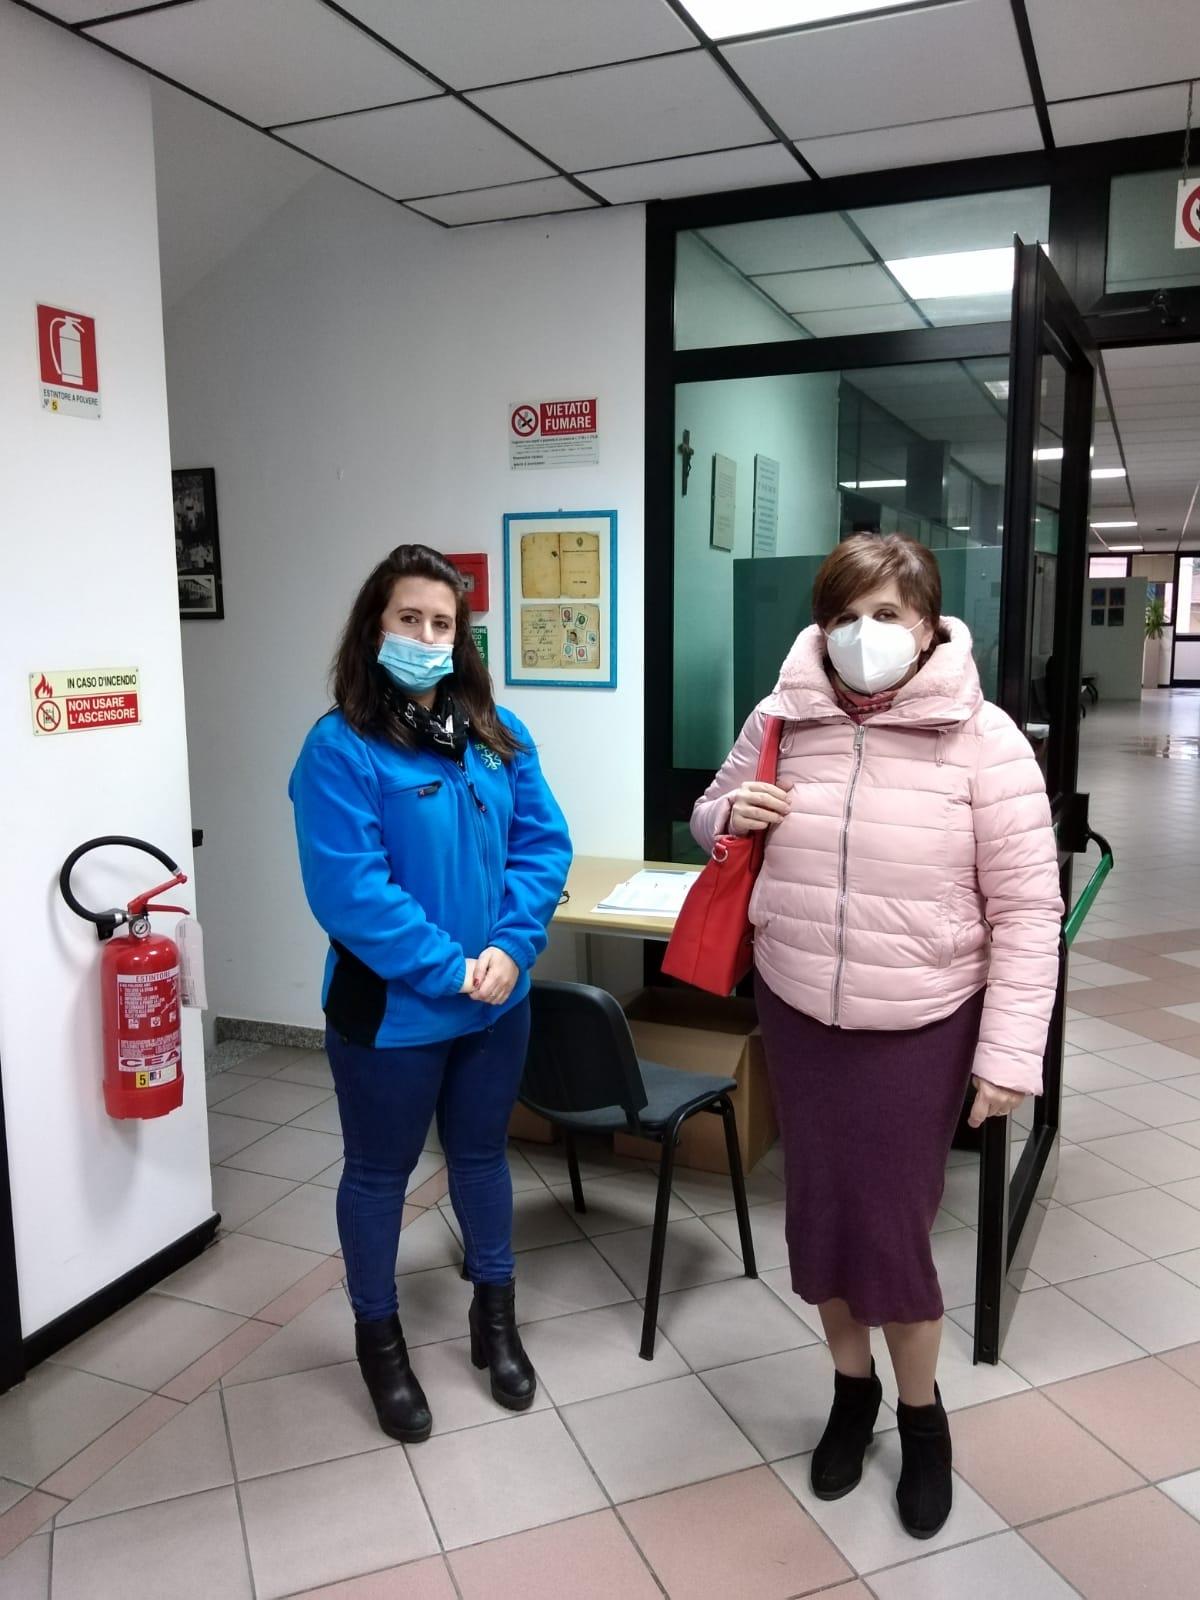 Nuova distribuzione di mascherine a Pieve a Nievole